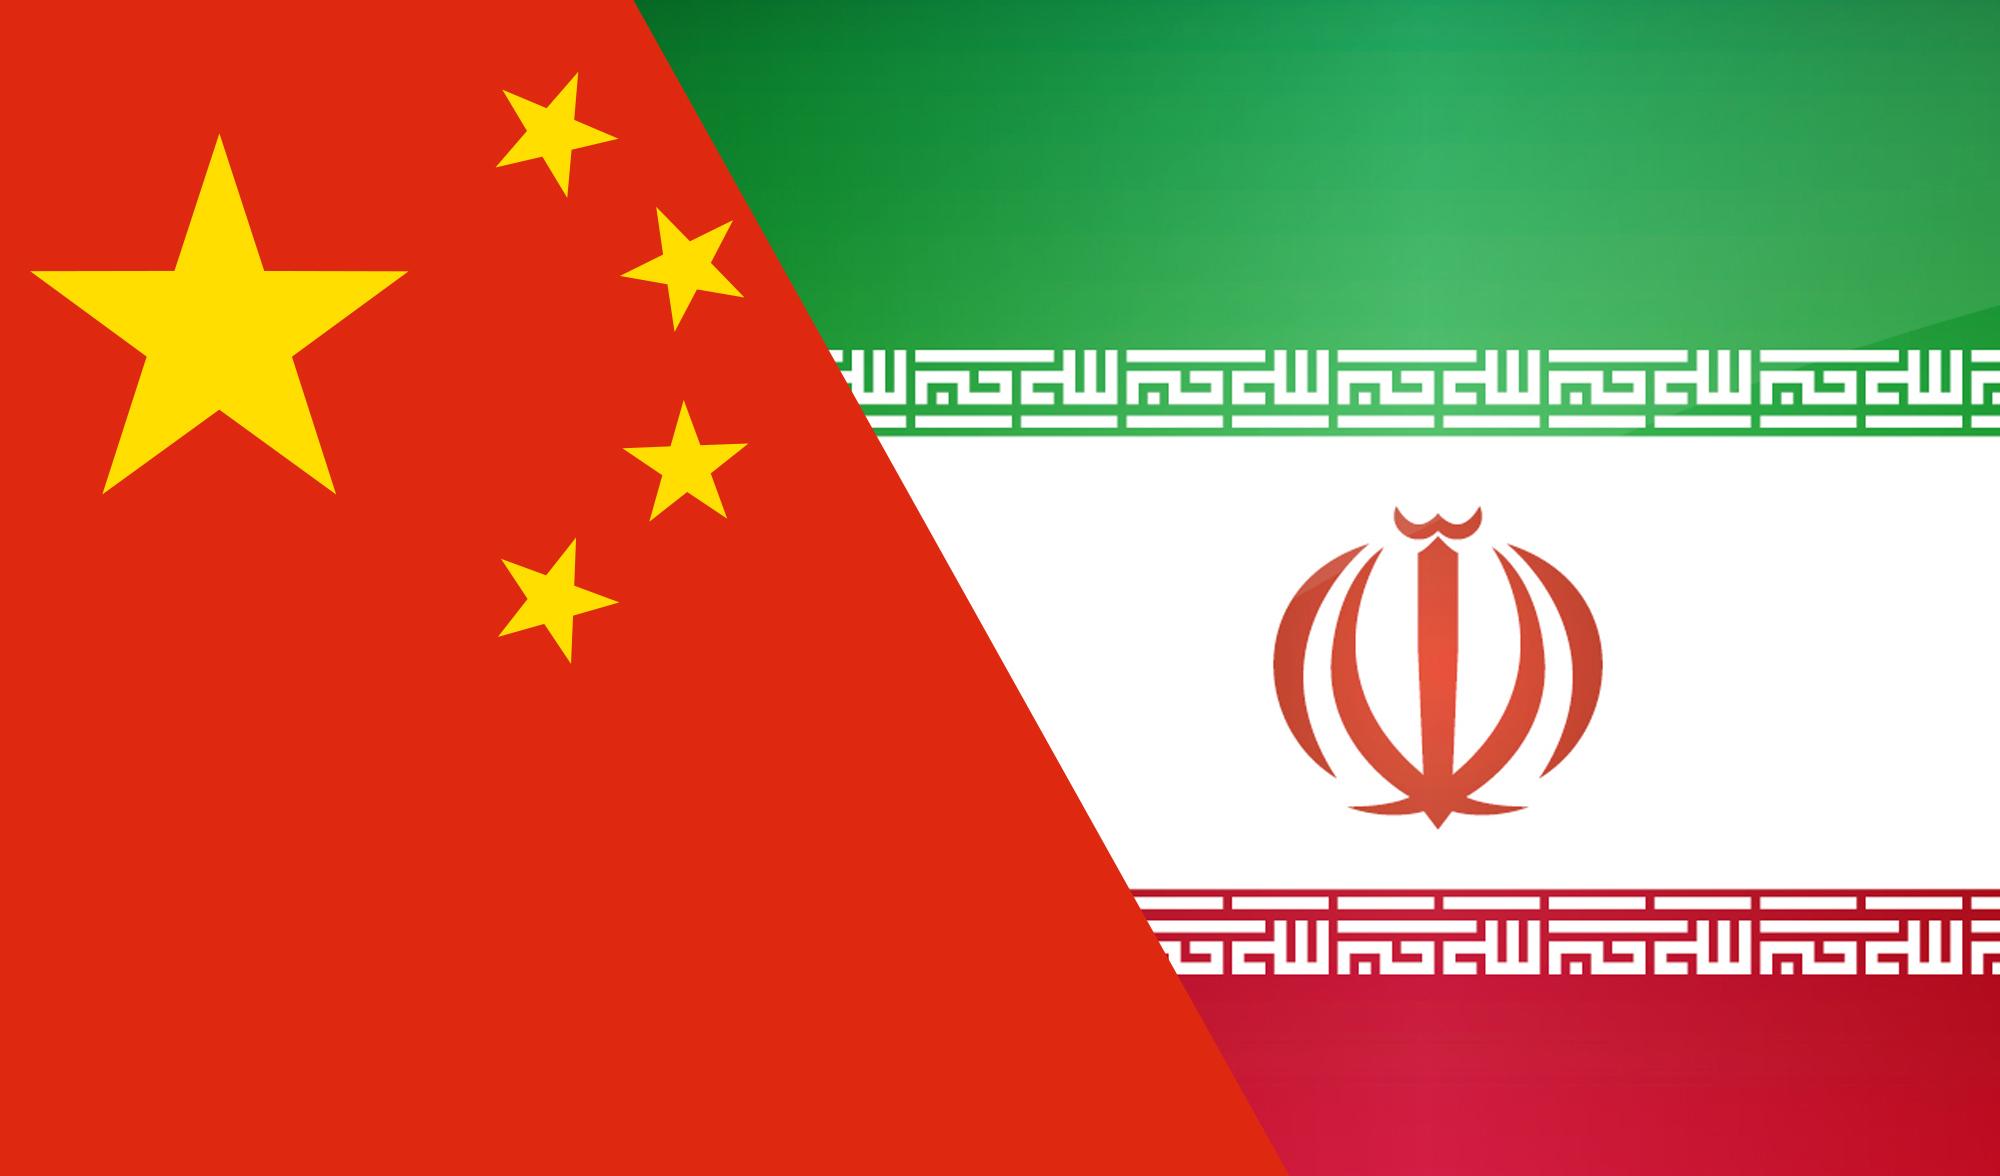 نوسانات صادرات نفت ایران به چین